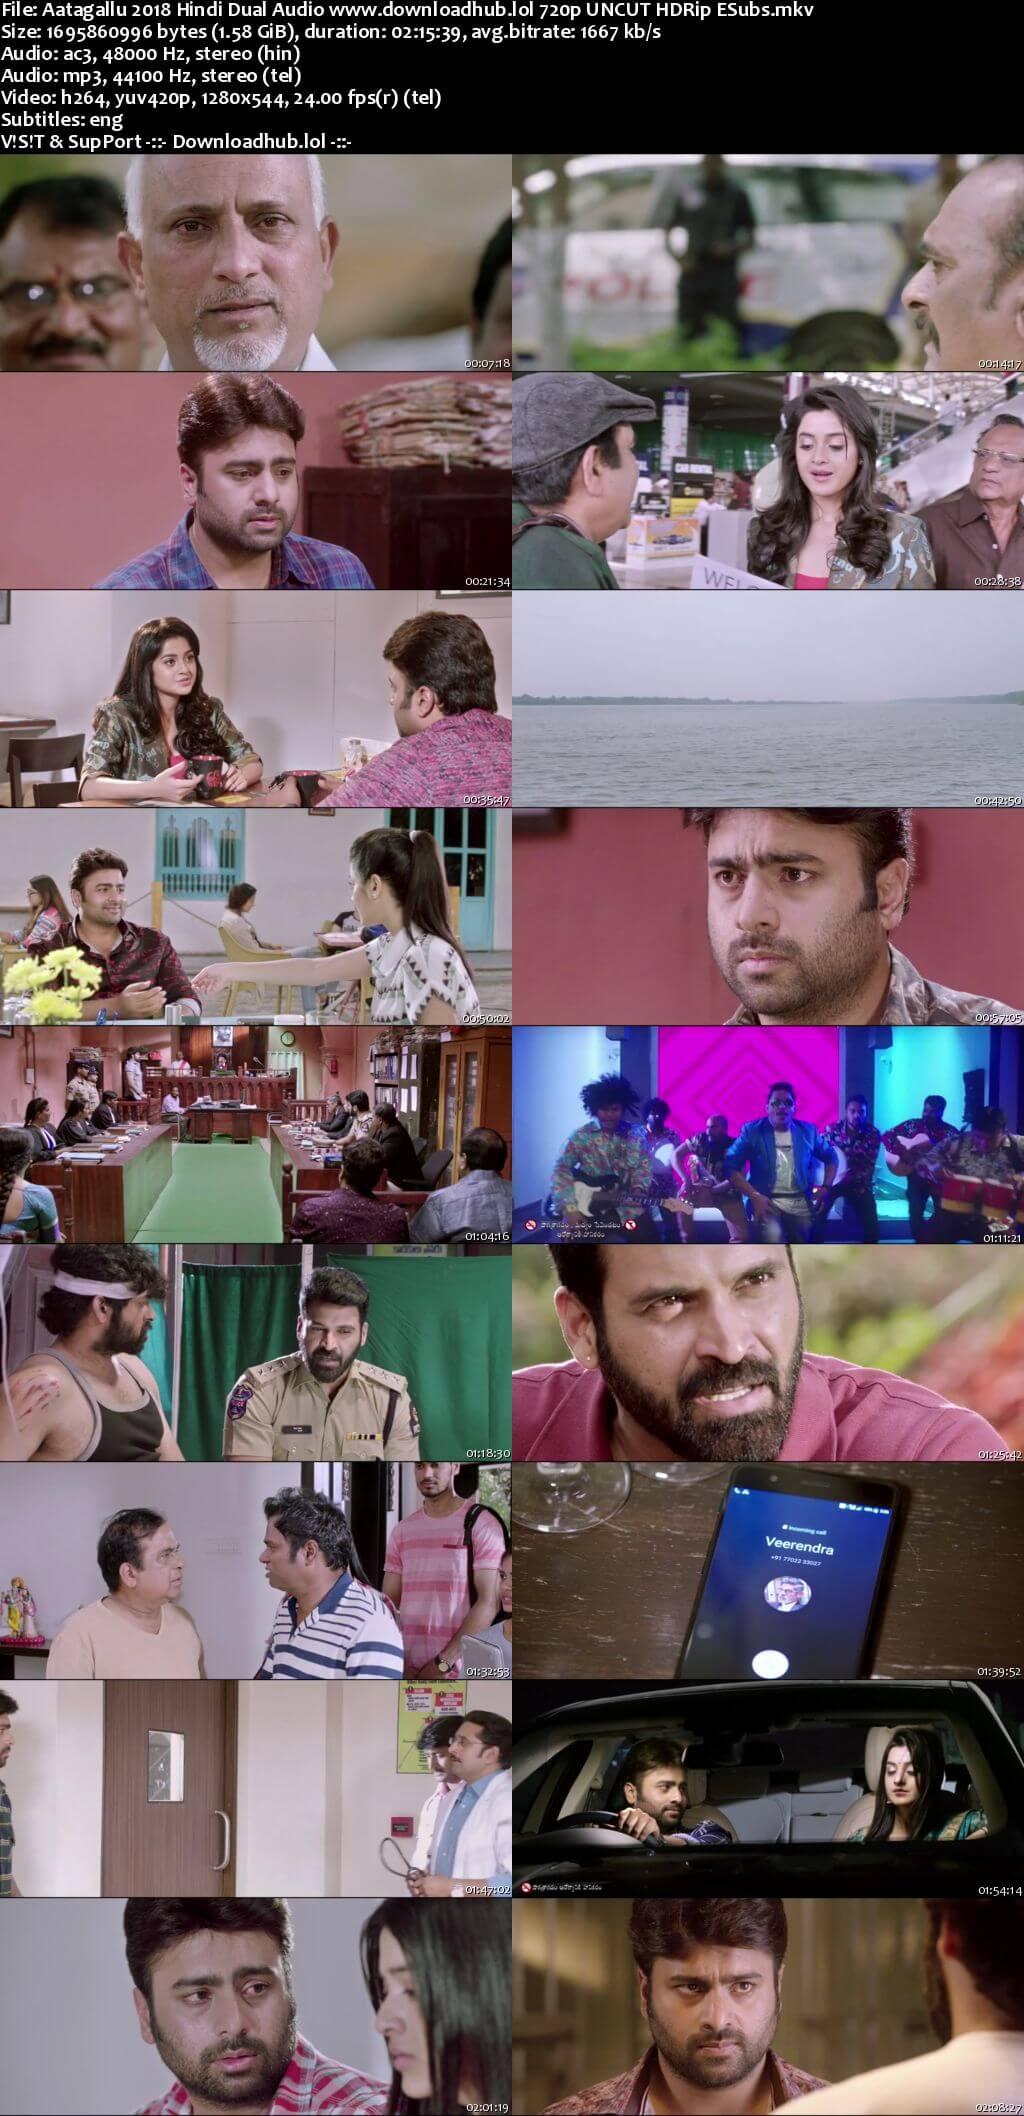 Aatagallu 2018 Hindi Dual Audio 720p UNCUT HDRip ESubs